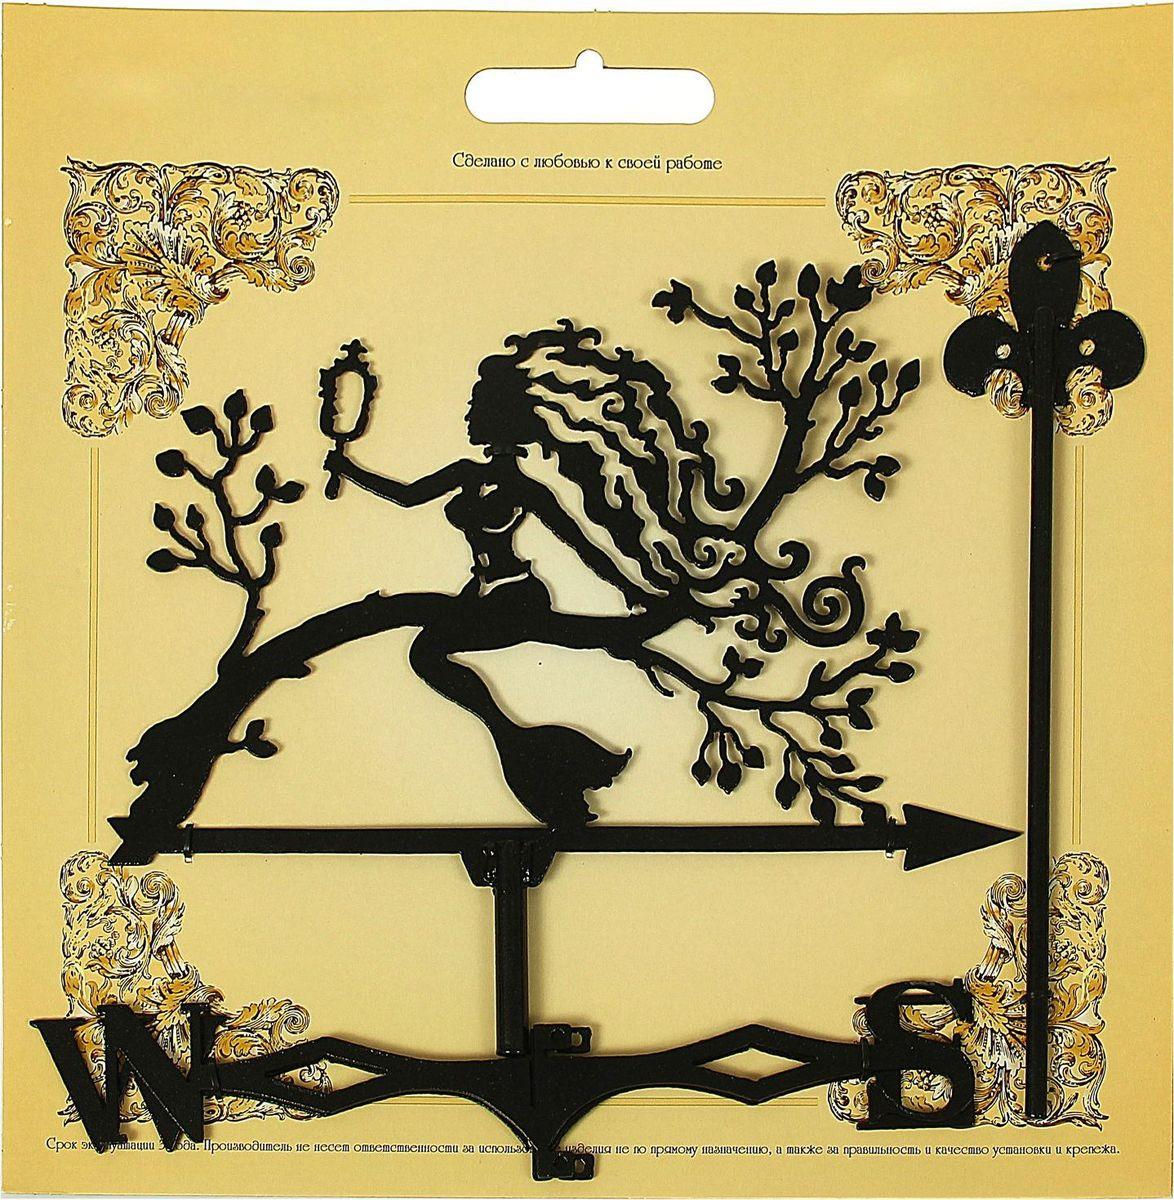 Флюгер Русалка на дереве, 30 х 40 см1335689Флюгер — это декоративный элемент и прибор, с помощью которого определяют направление ветра. Его устанавливают на самом высоком открытом месте: крышах зданий, беседках, башнях. Флюгер Русалка на дереве изготовлен из листового металла толщиной 1,5 мм, сверху обработан антикоррозийной краской. Изделие включает неподвижный шпиль, флажок и указатель сторон света.